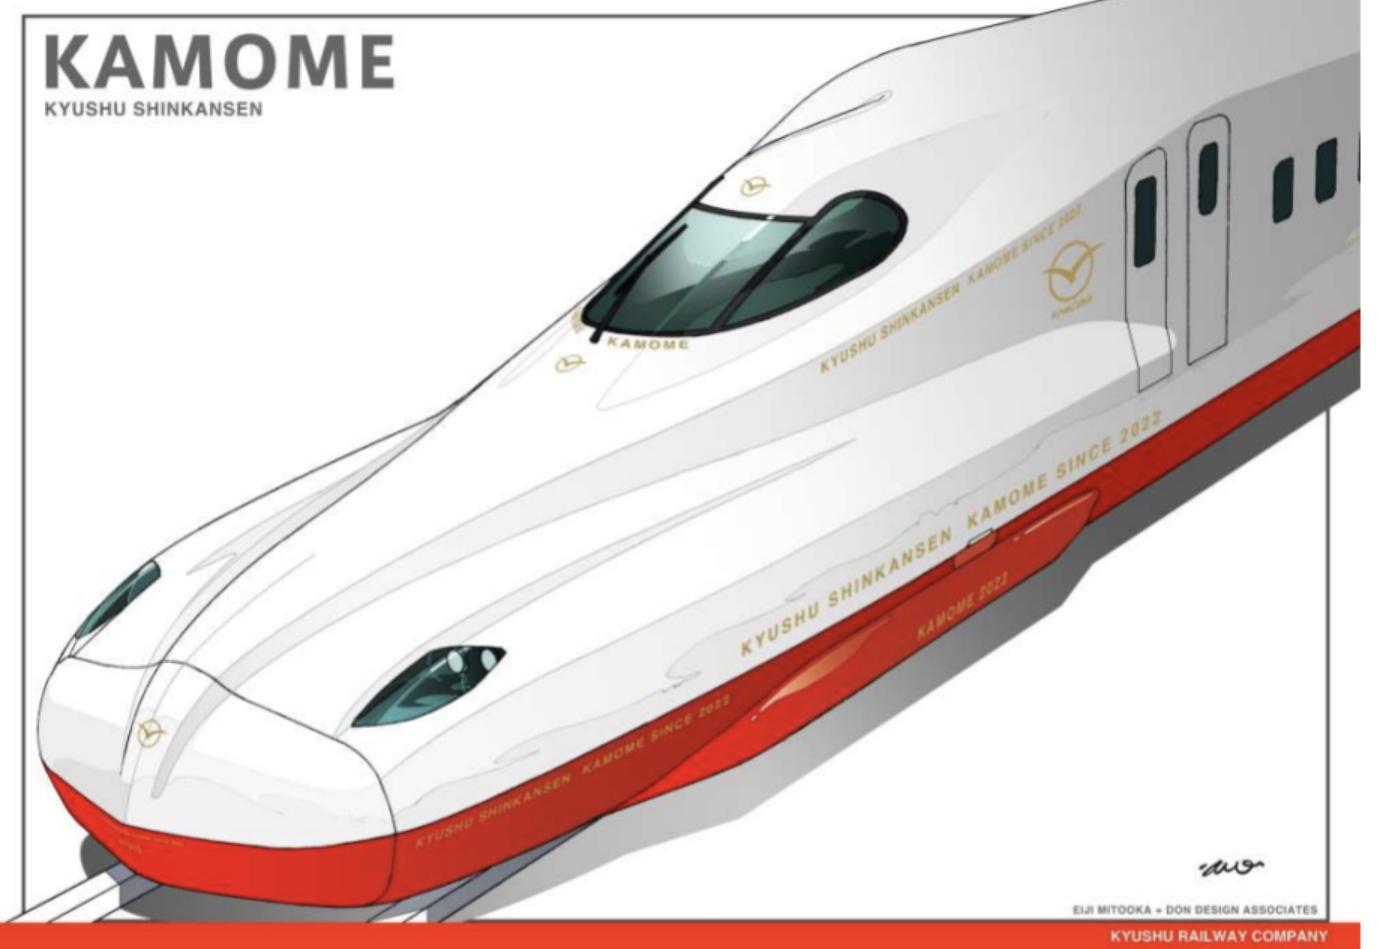 【JR九州】「九州新幹線西九州ルート」の名称と使用車両が決定 N700Sをカスタマイズ